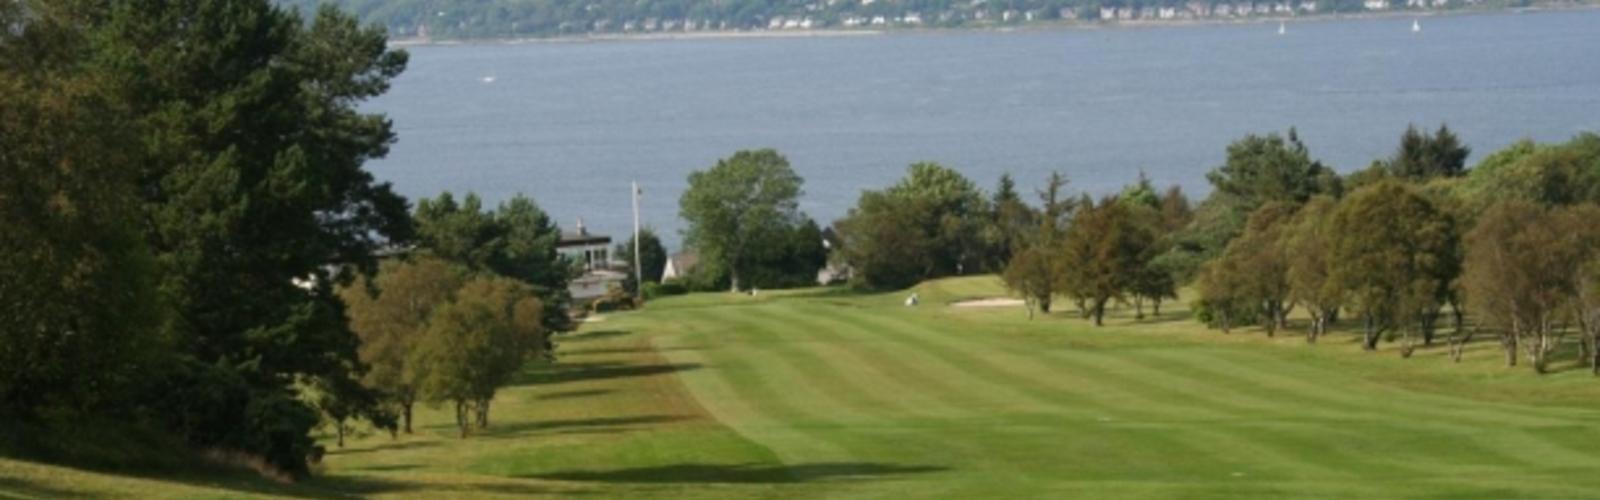 Gourock golf club 6